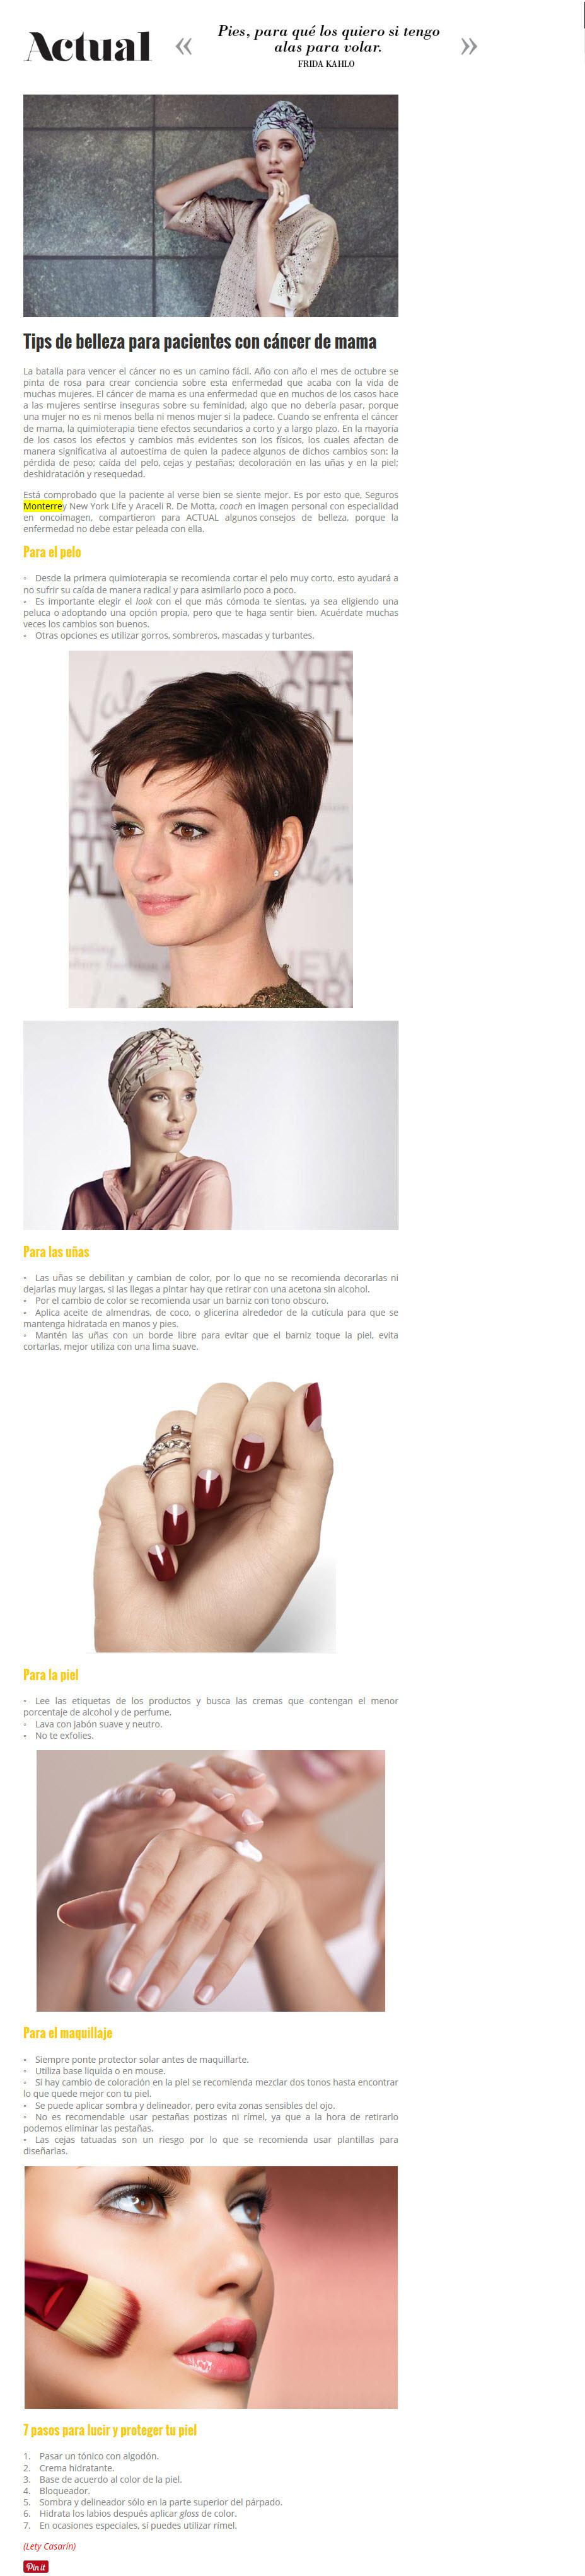 Tips de belleza para pacientes con cáncer de mama